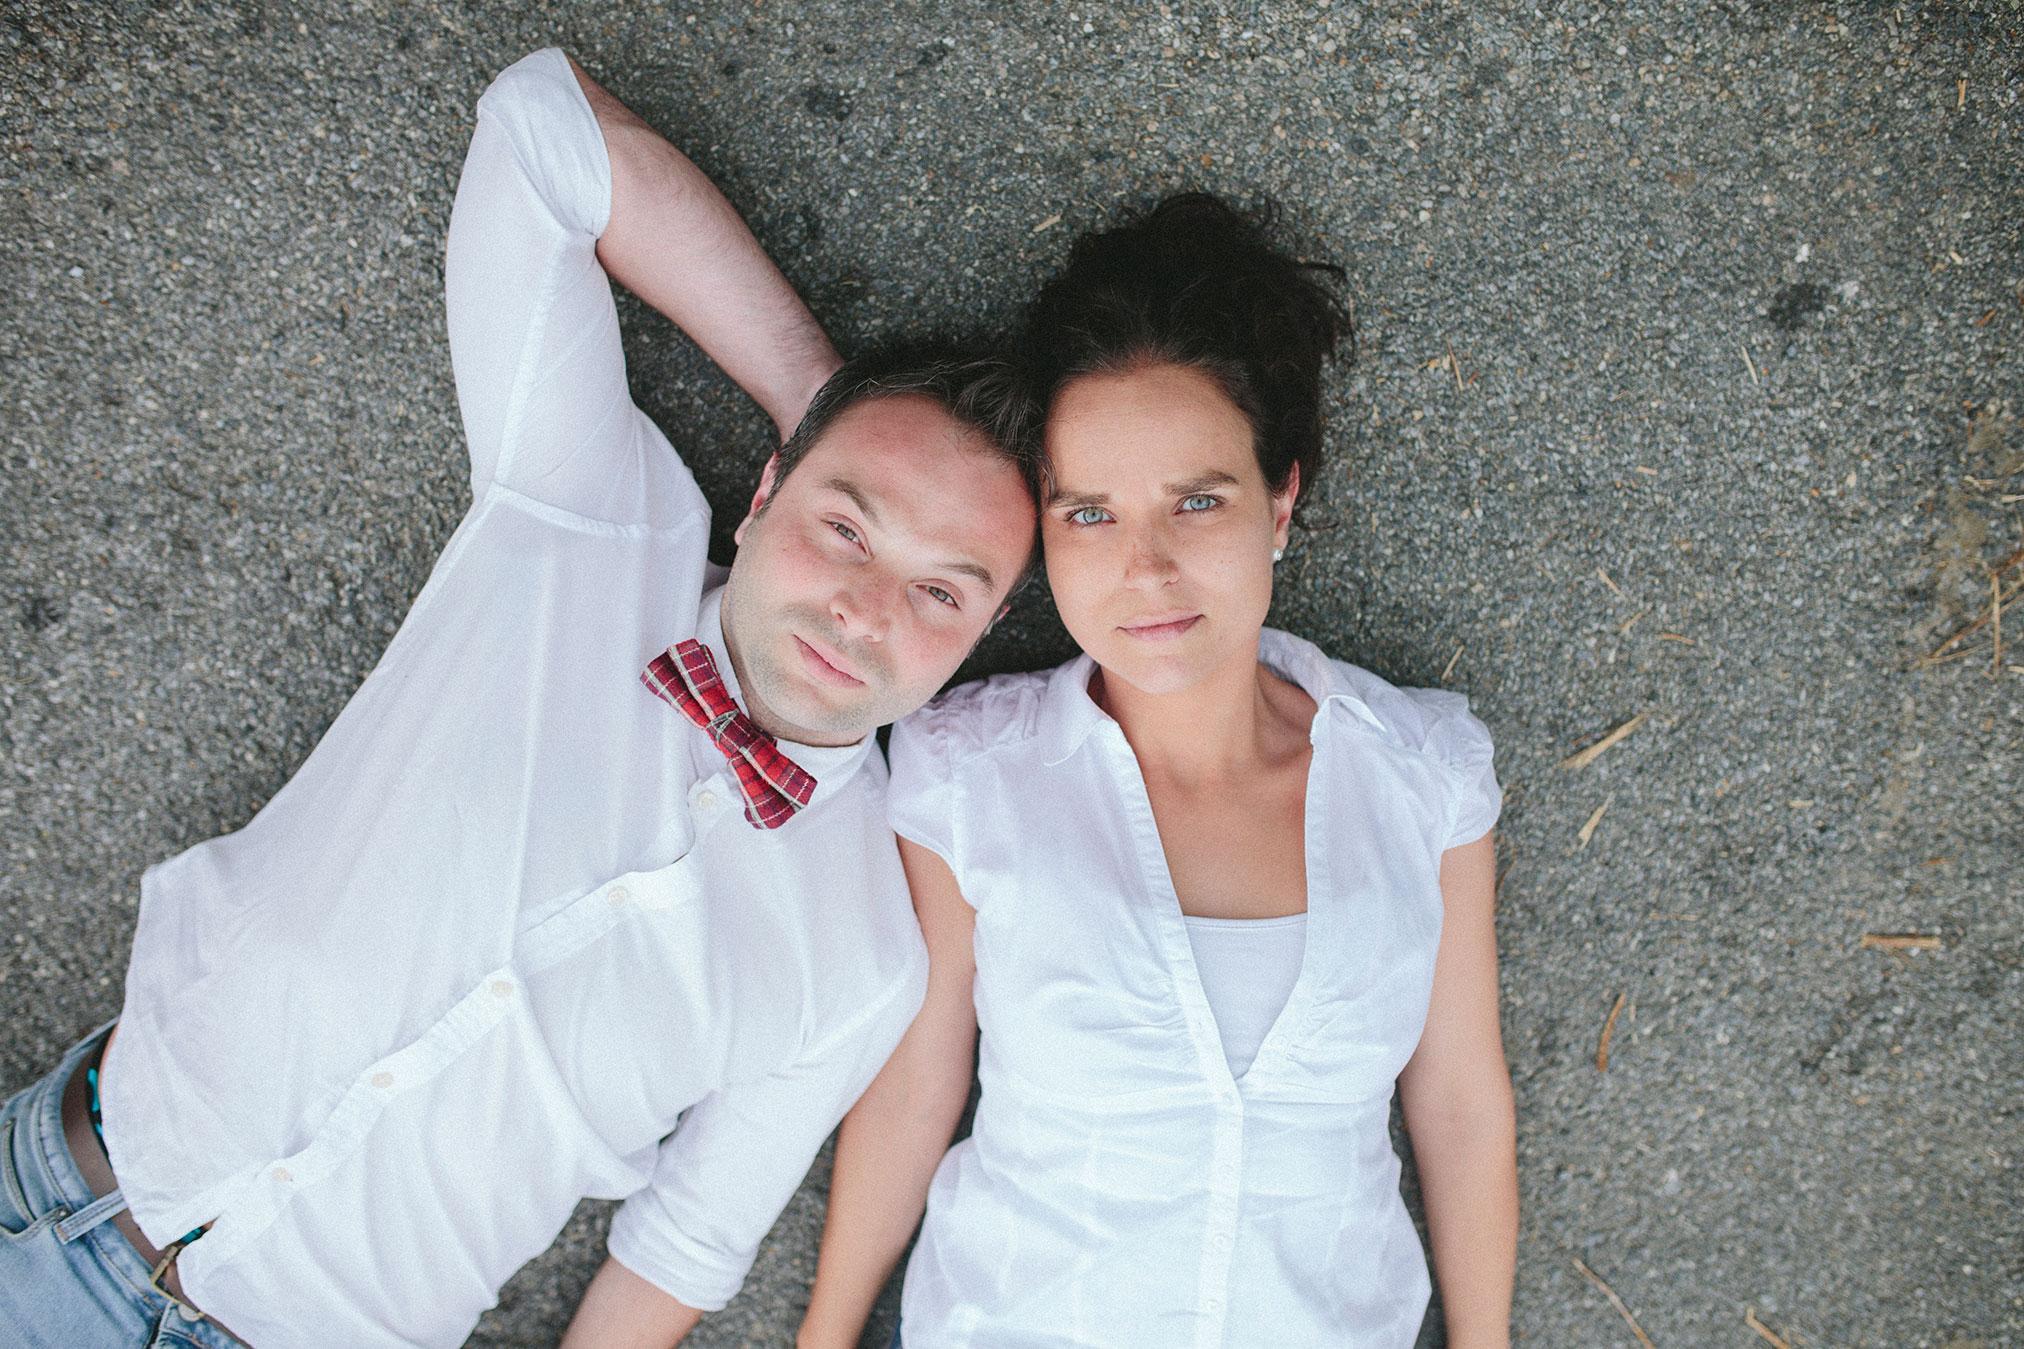 Couple Photographer Graciela Vilagudin Dublin Galicia 1391.jpg